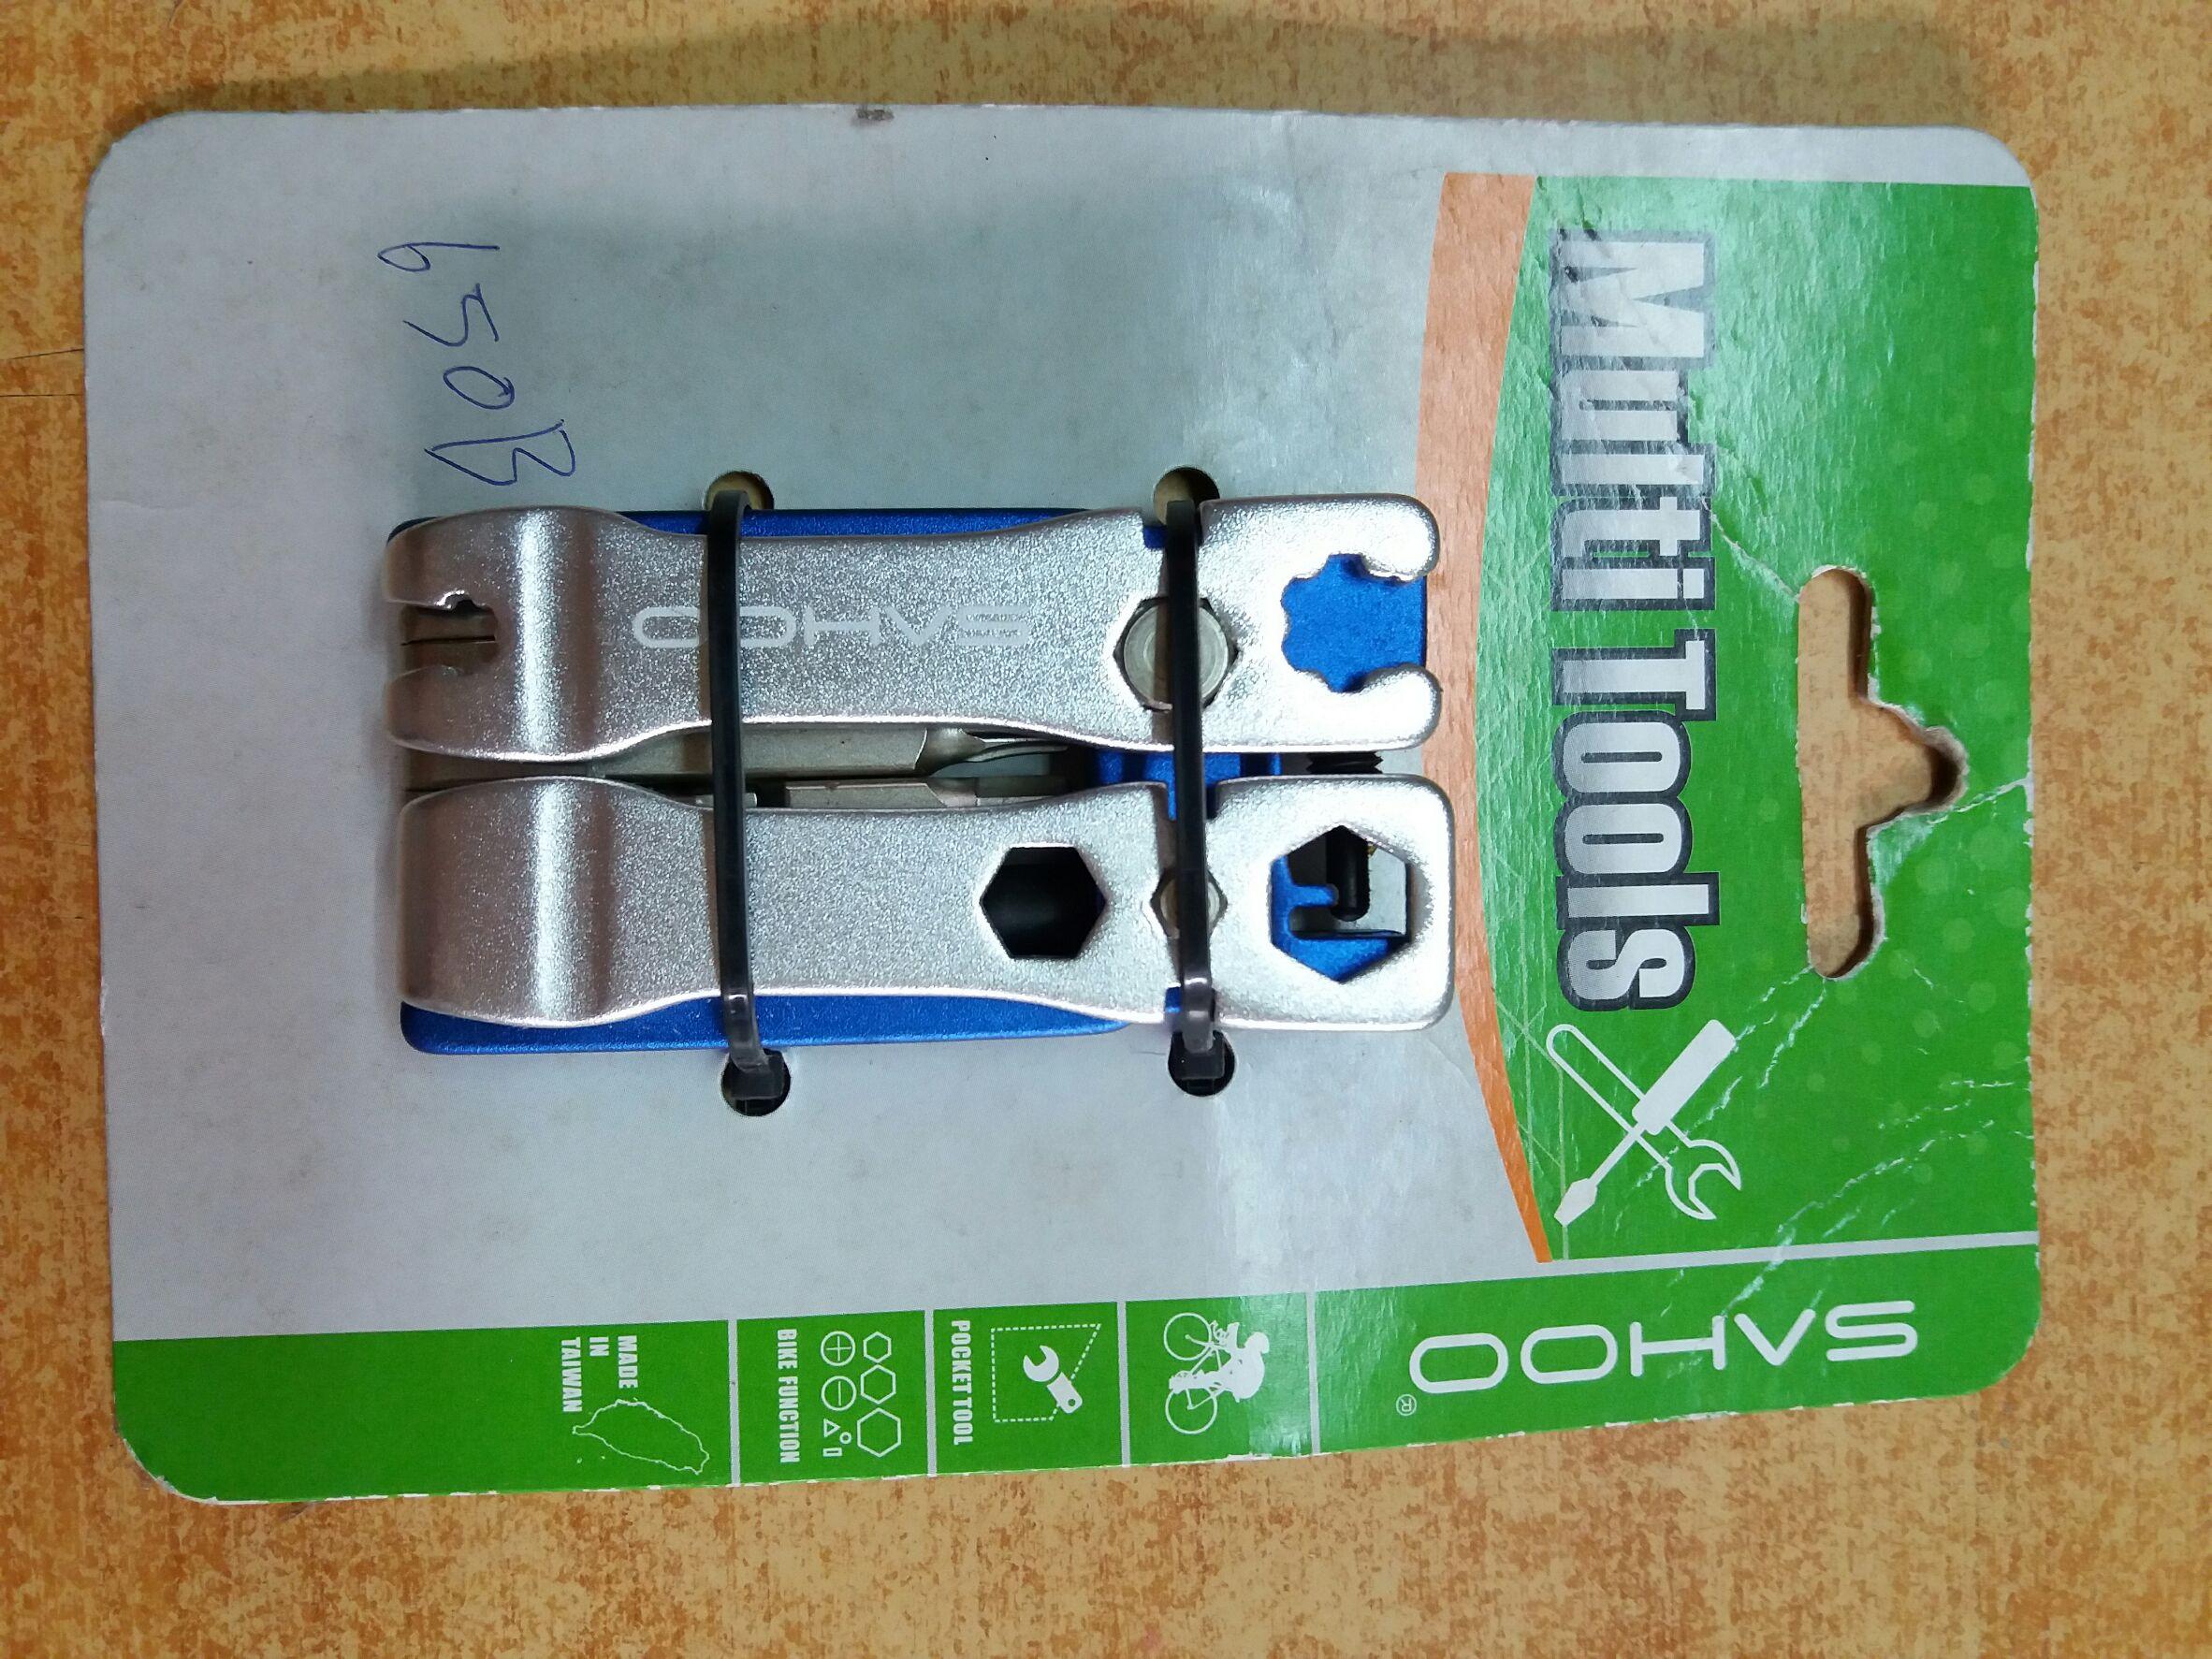 ชุดเครื่องมือซ่อมจักรยานแบบพกพา SAHOO 19 in 1 multi-tool